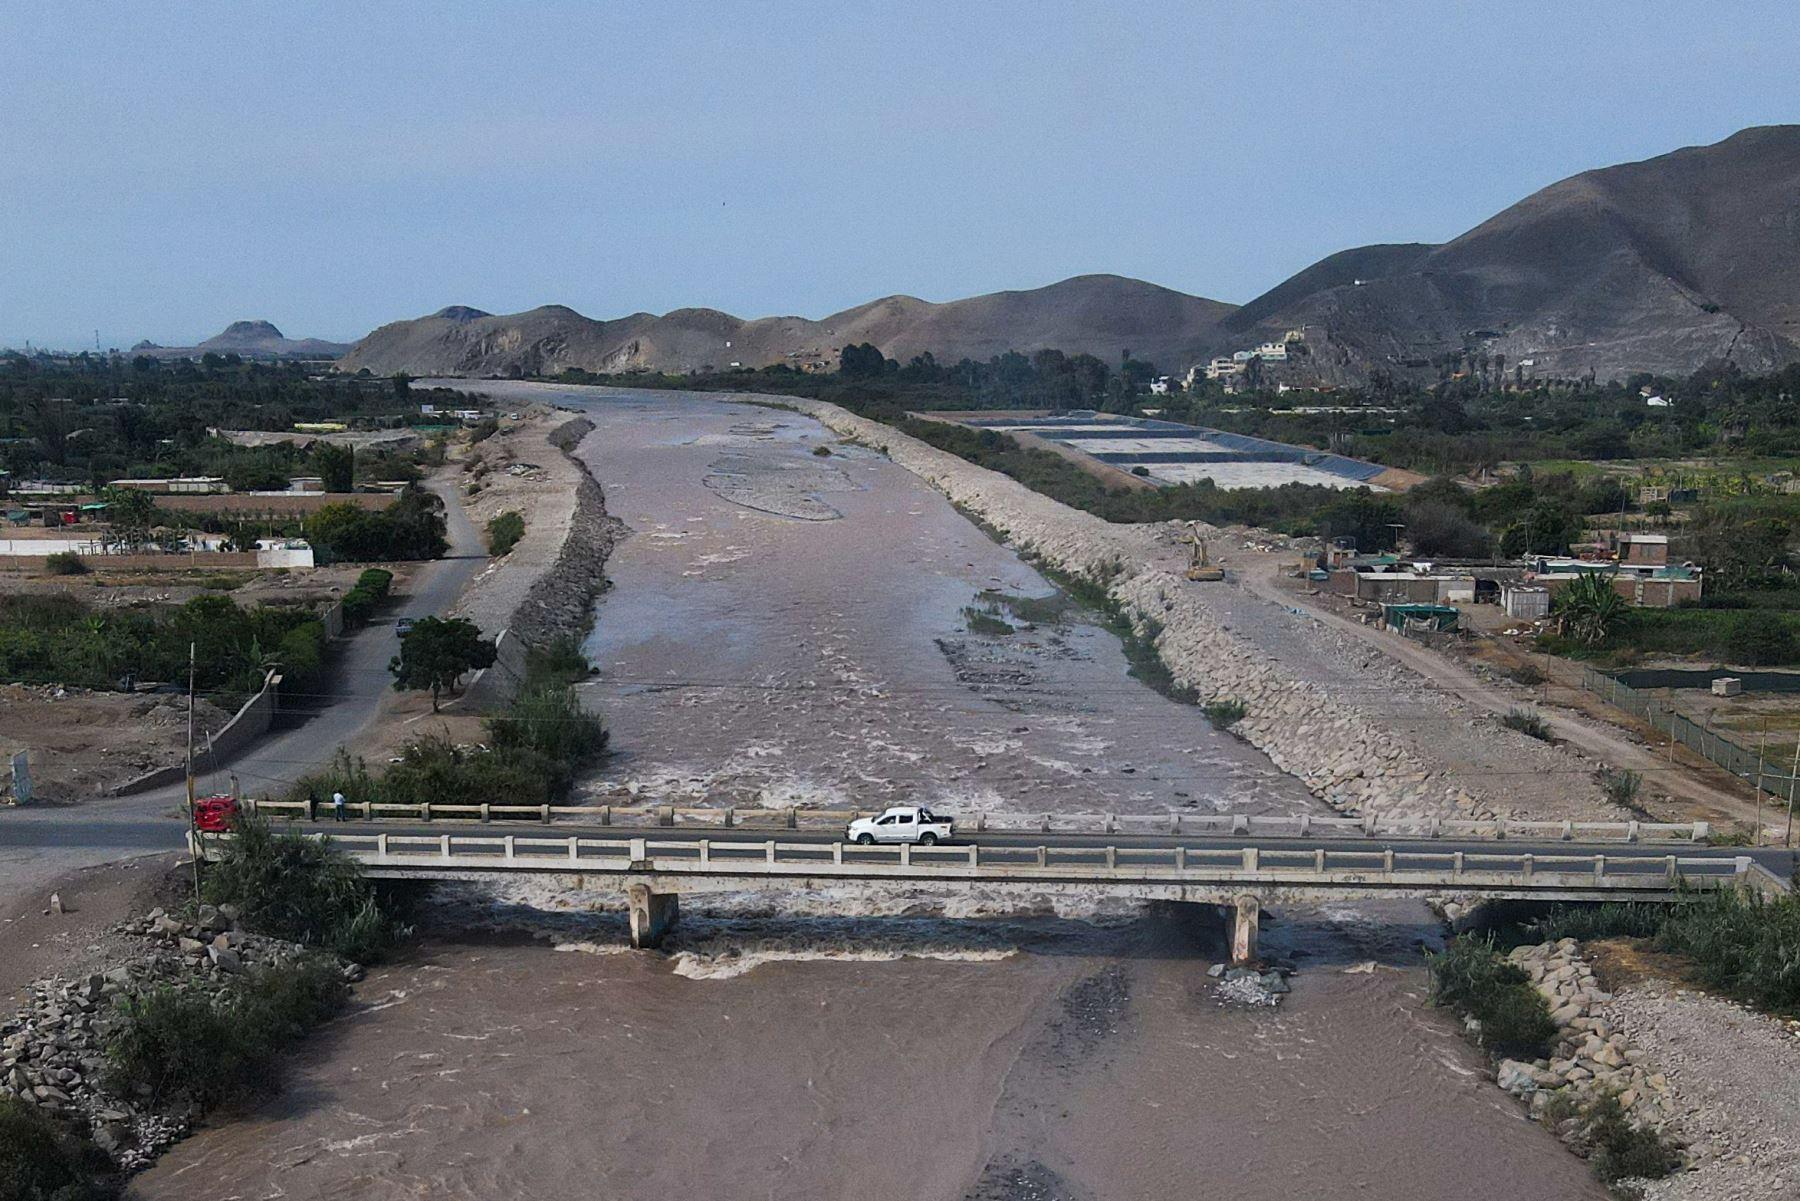 La Autoridad para la Reconstrucción con Cambios inaugura la rehabilitación de las defensas ribereñas del río Mala, que permitirá proteger a 4,778 agricultores y sus viviendas. Foto: ARCC